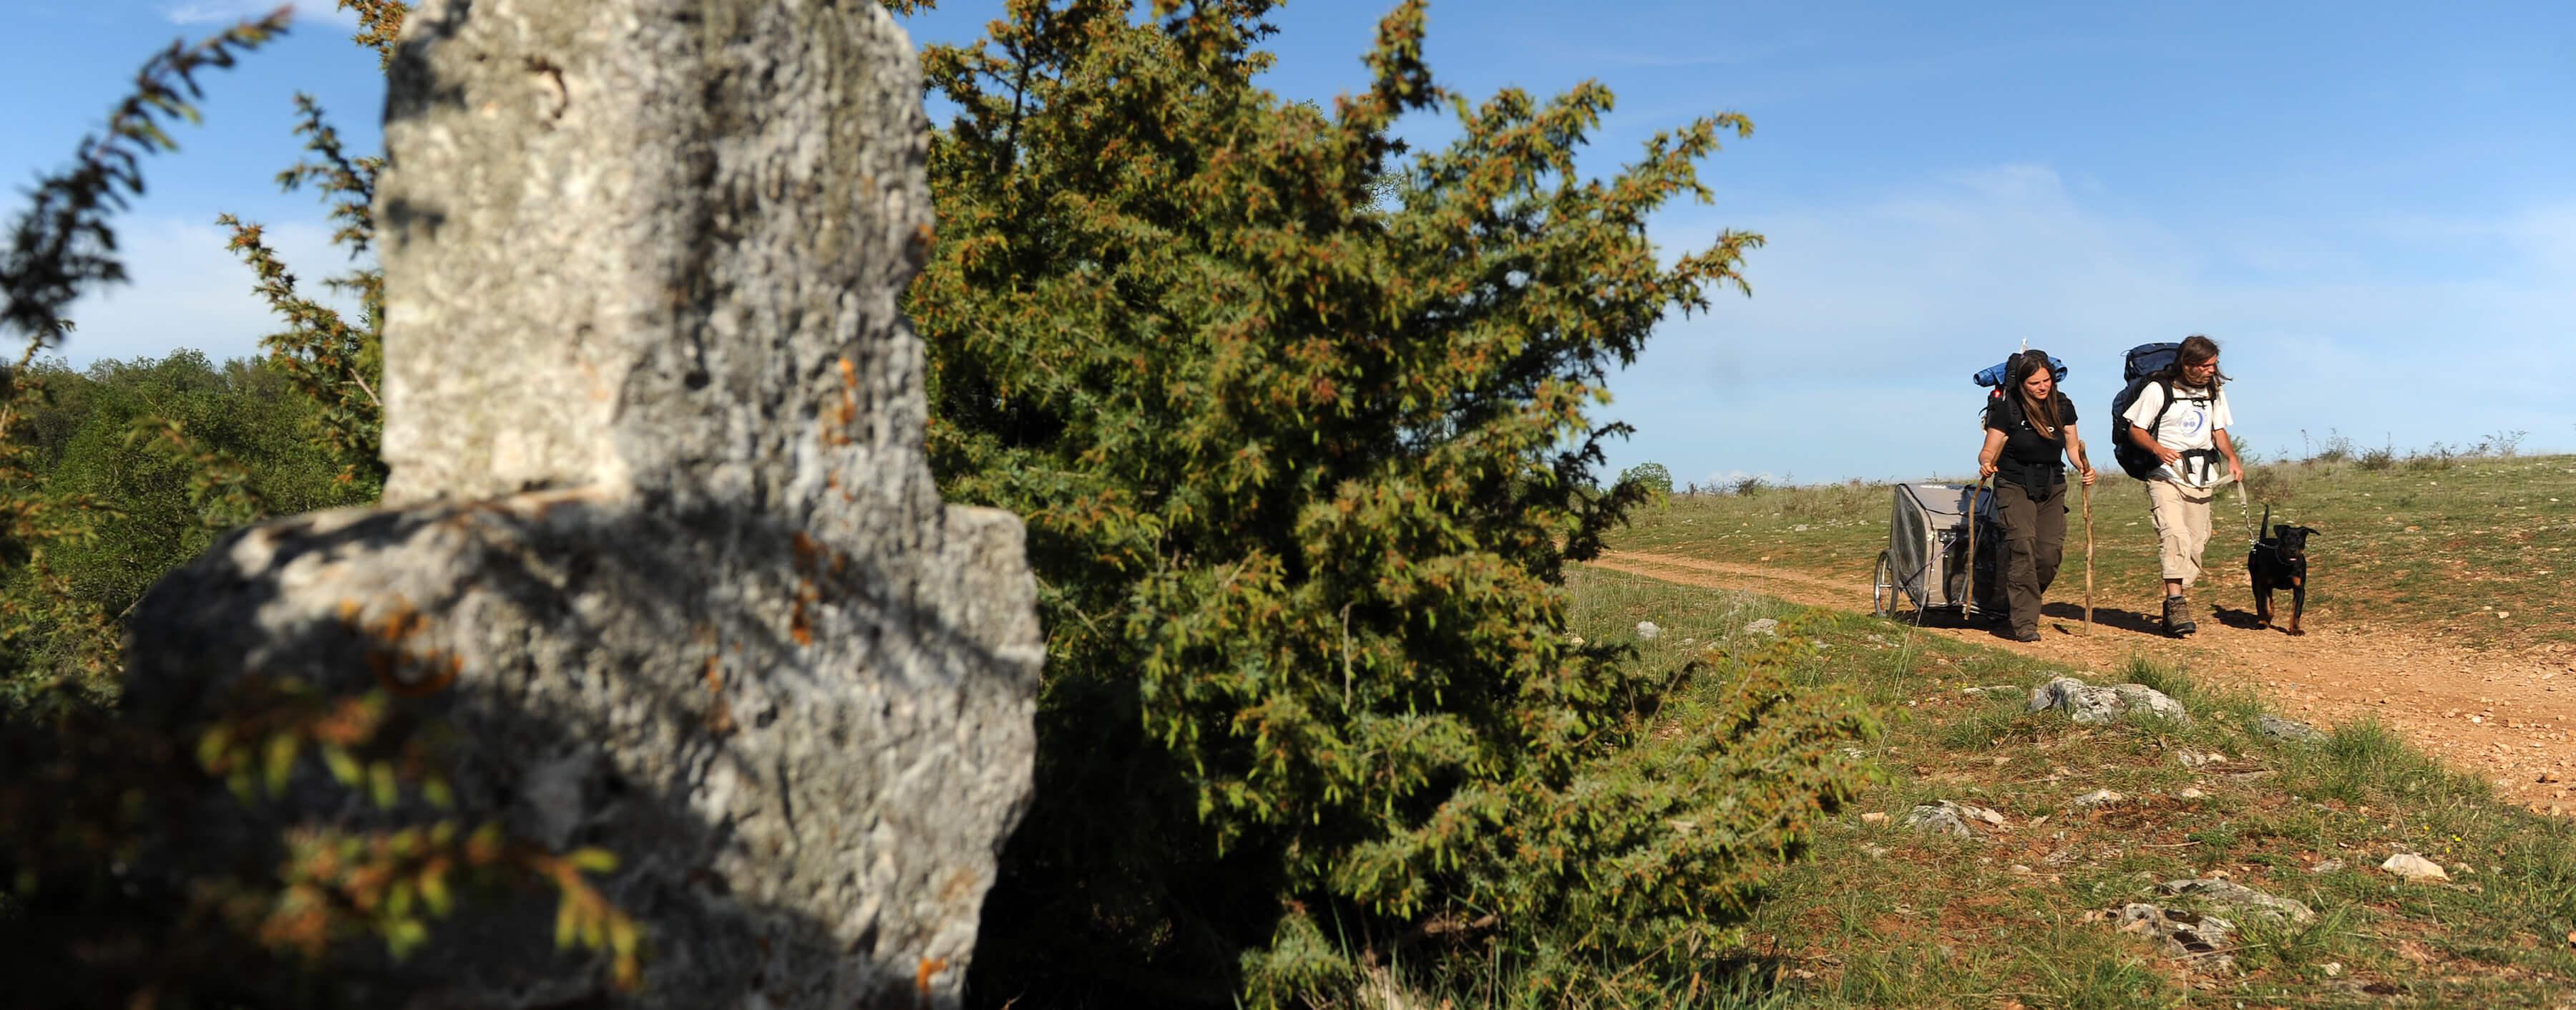 Sentier entre Faycelles et Cajarc©ACIR / JJ Gelbart